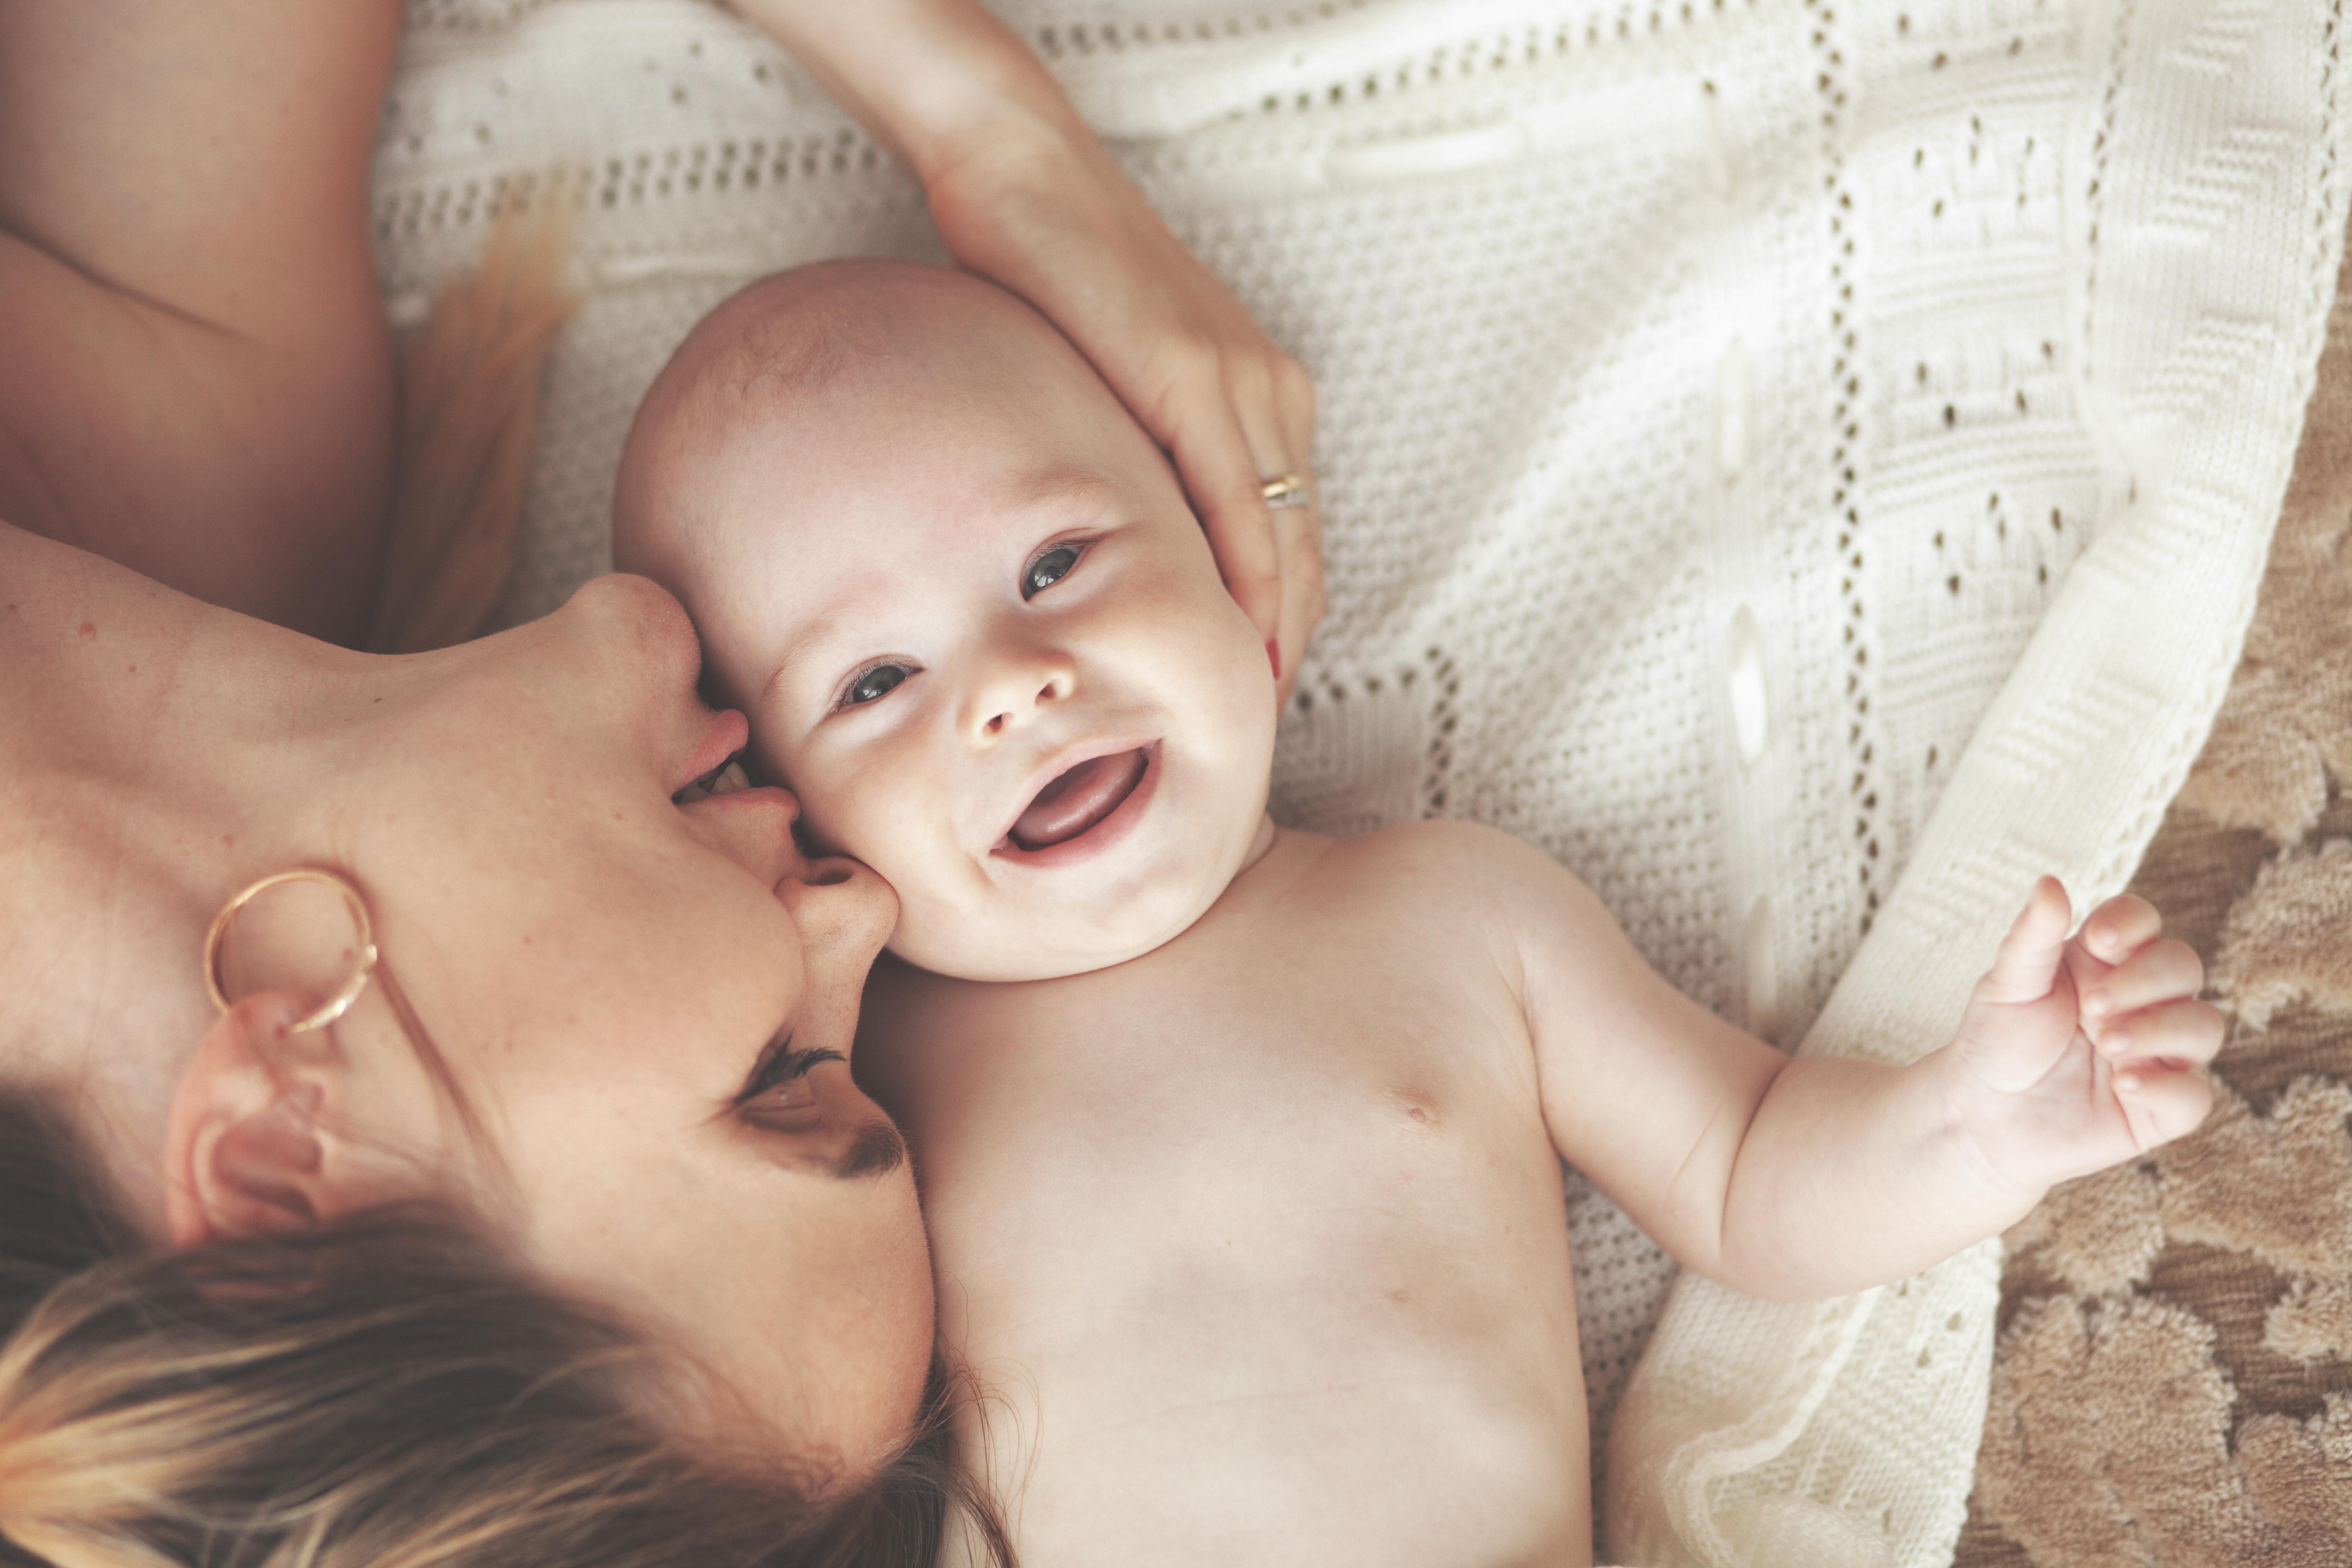 Hud-mot-hudkontakt, även kallad kängurumetoden, verkar smärtlindrande för små barn och ger dessutom föräldern en aktiv roll.